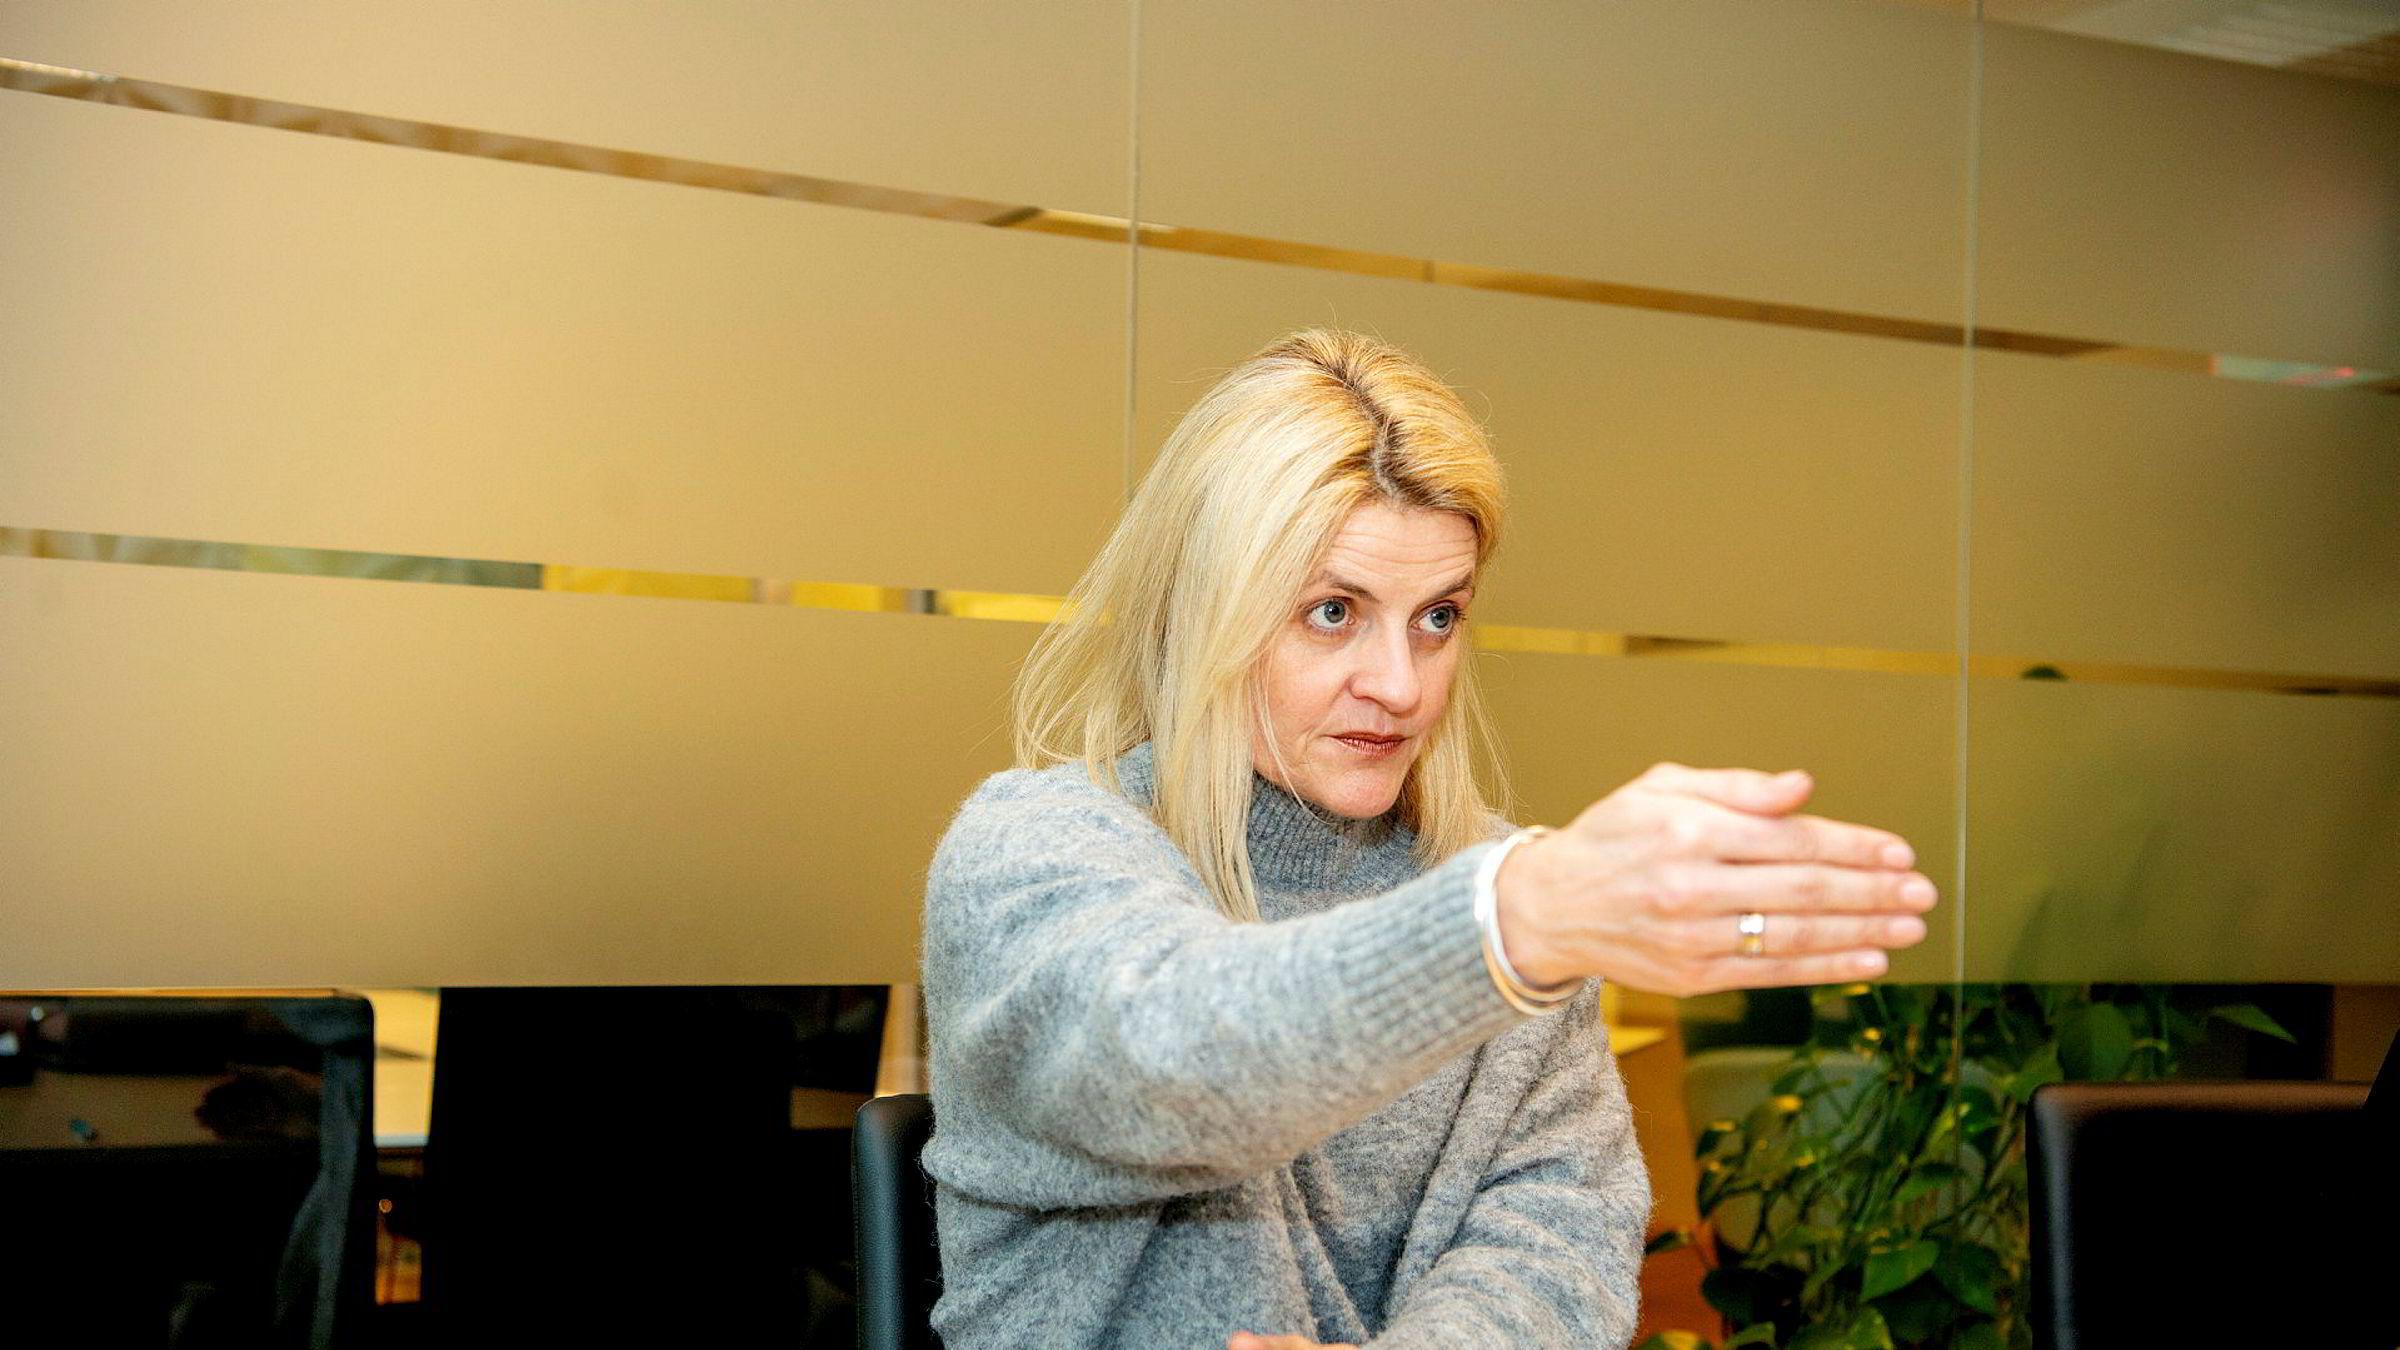 Direktør Inger Lise Blyverket i Forbrukerrådet mener regelverket gir for dårlig beskyttelse mot misbruk av BankID. Det har hun rett i.